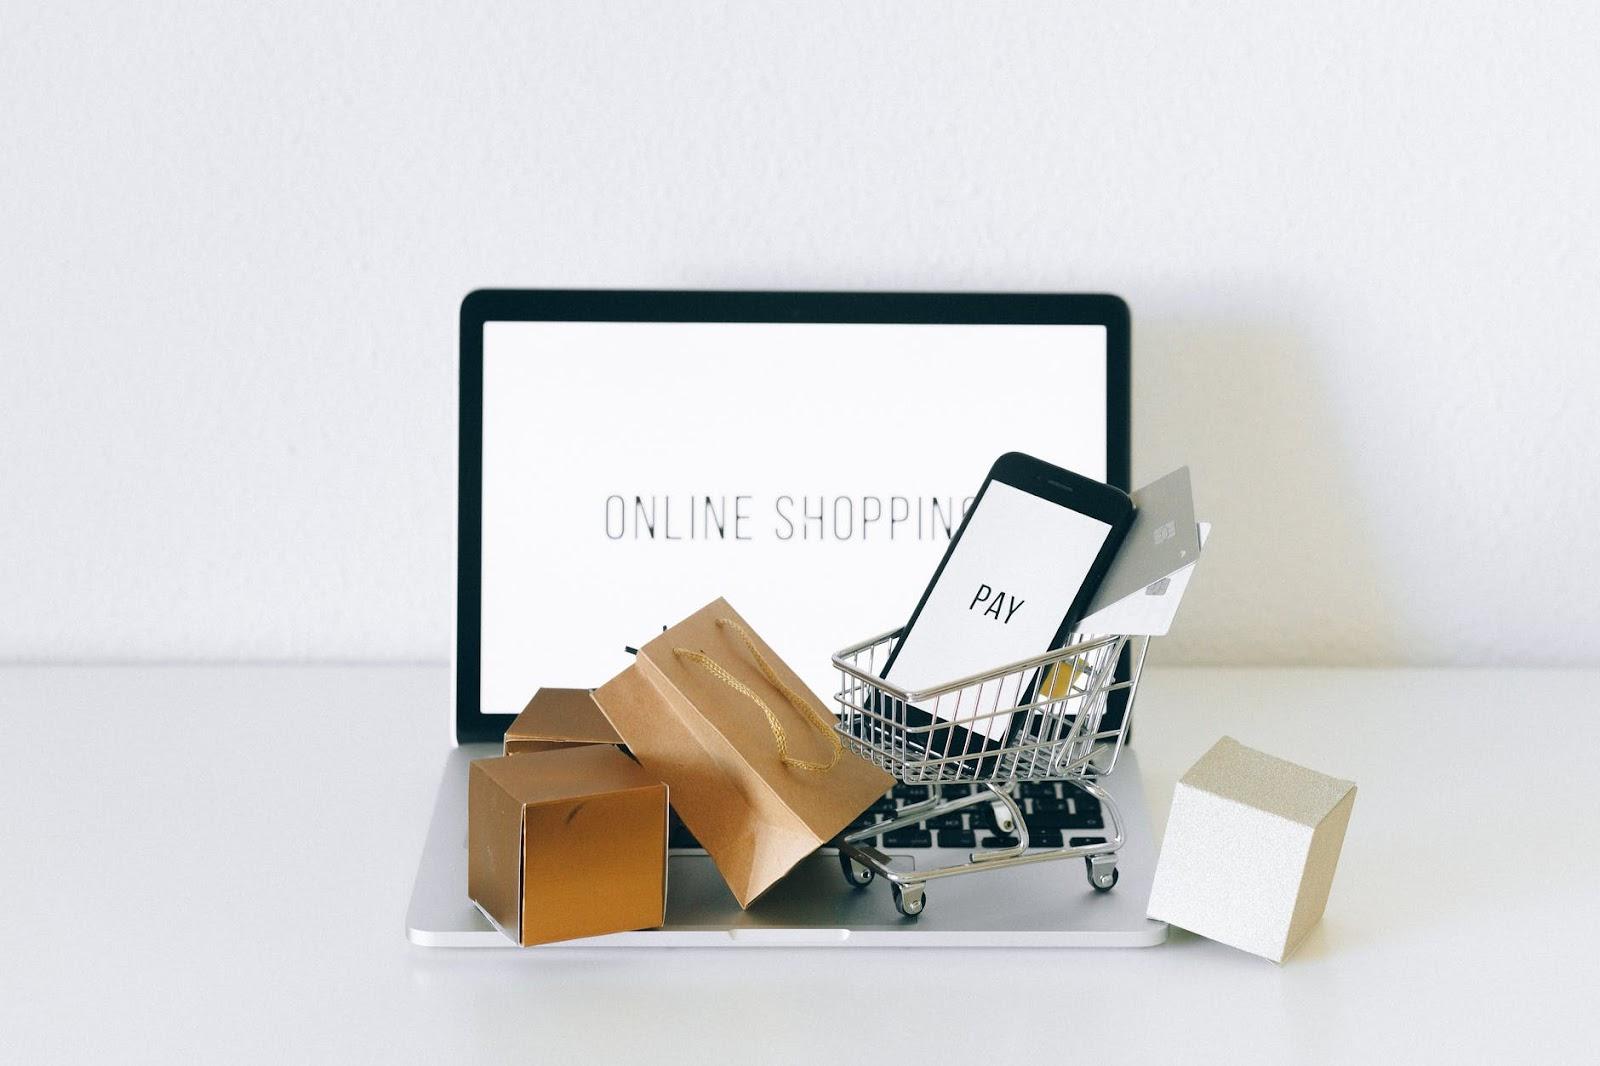 pc-per-acquisti-online